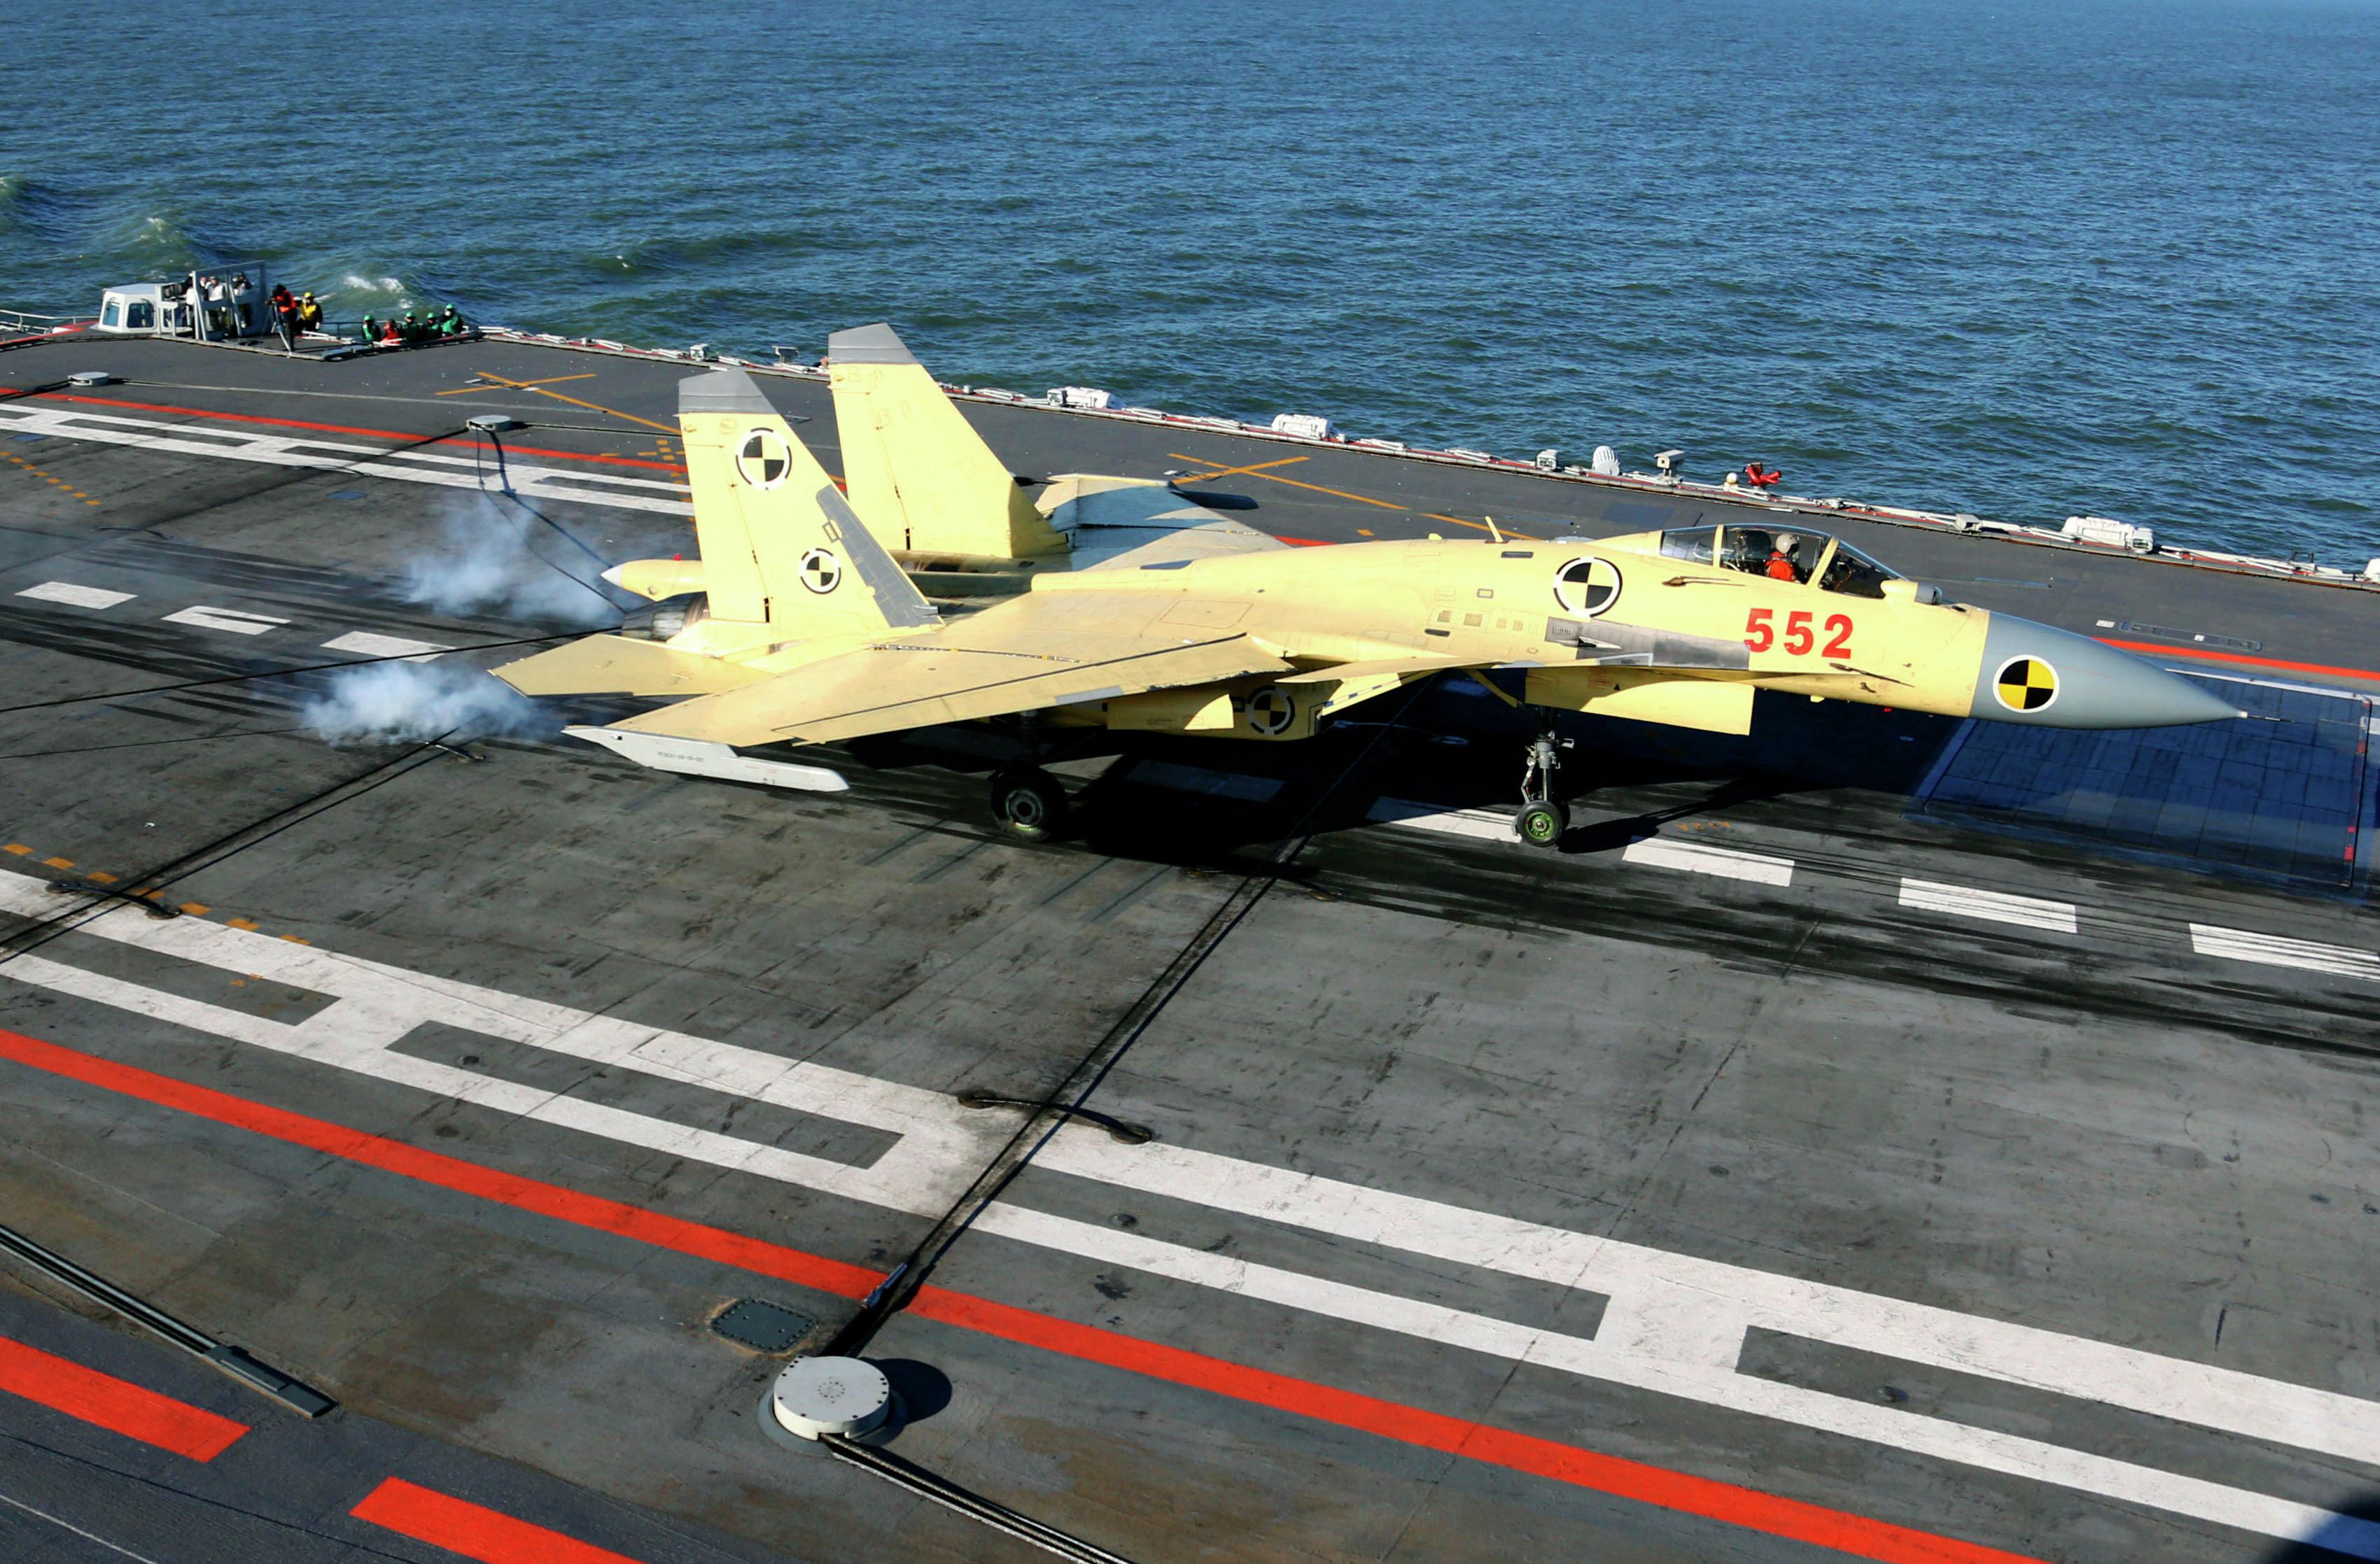 Le J-15 chinois créé sur la base du Su-33 russe